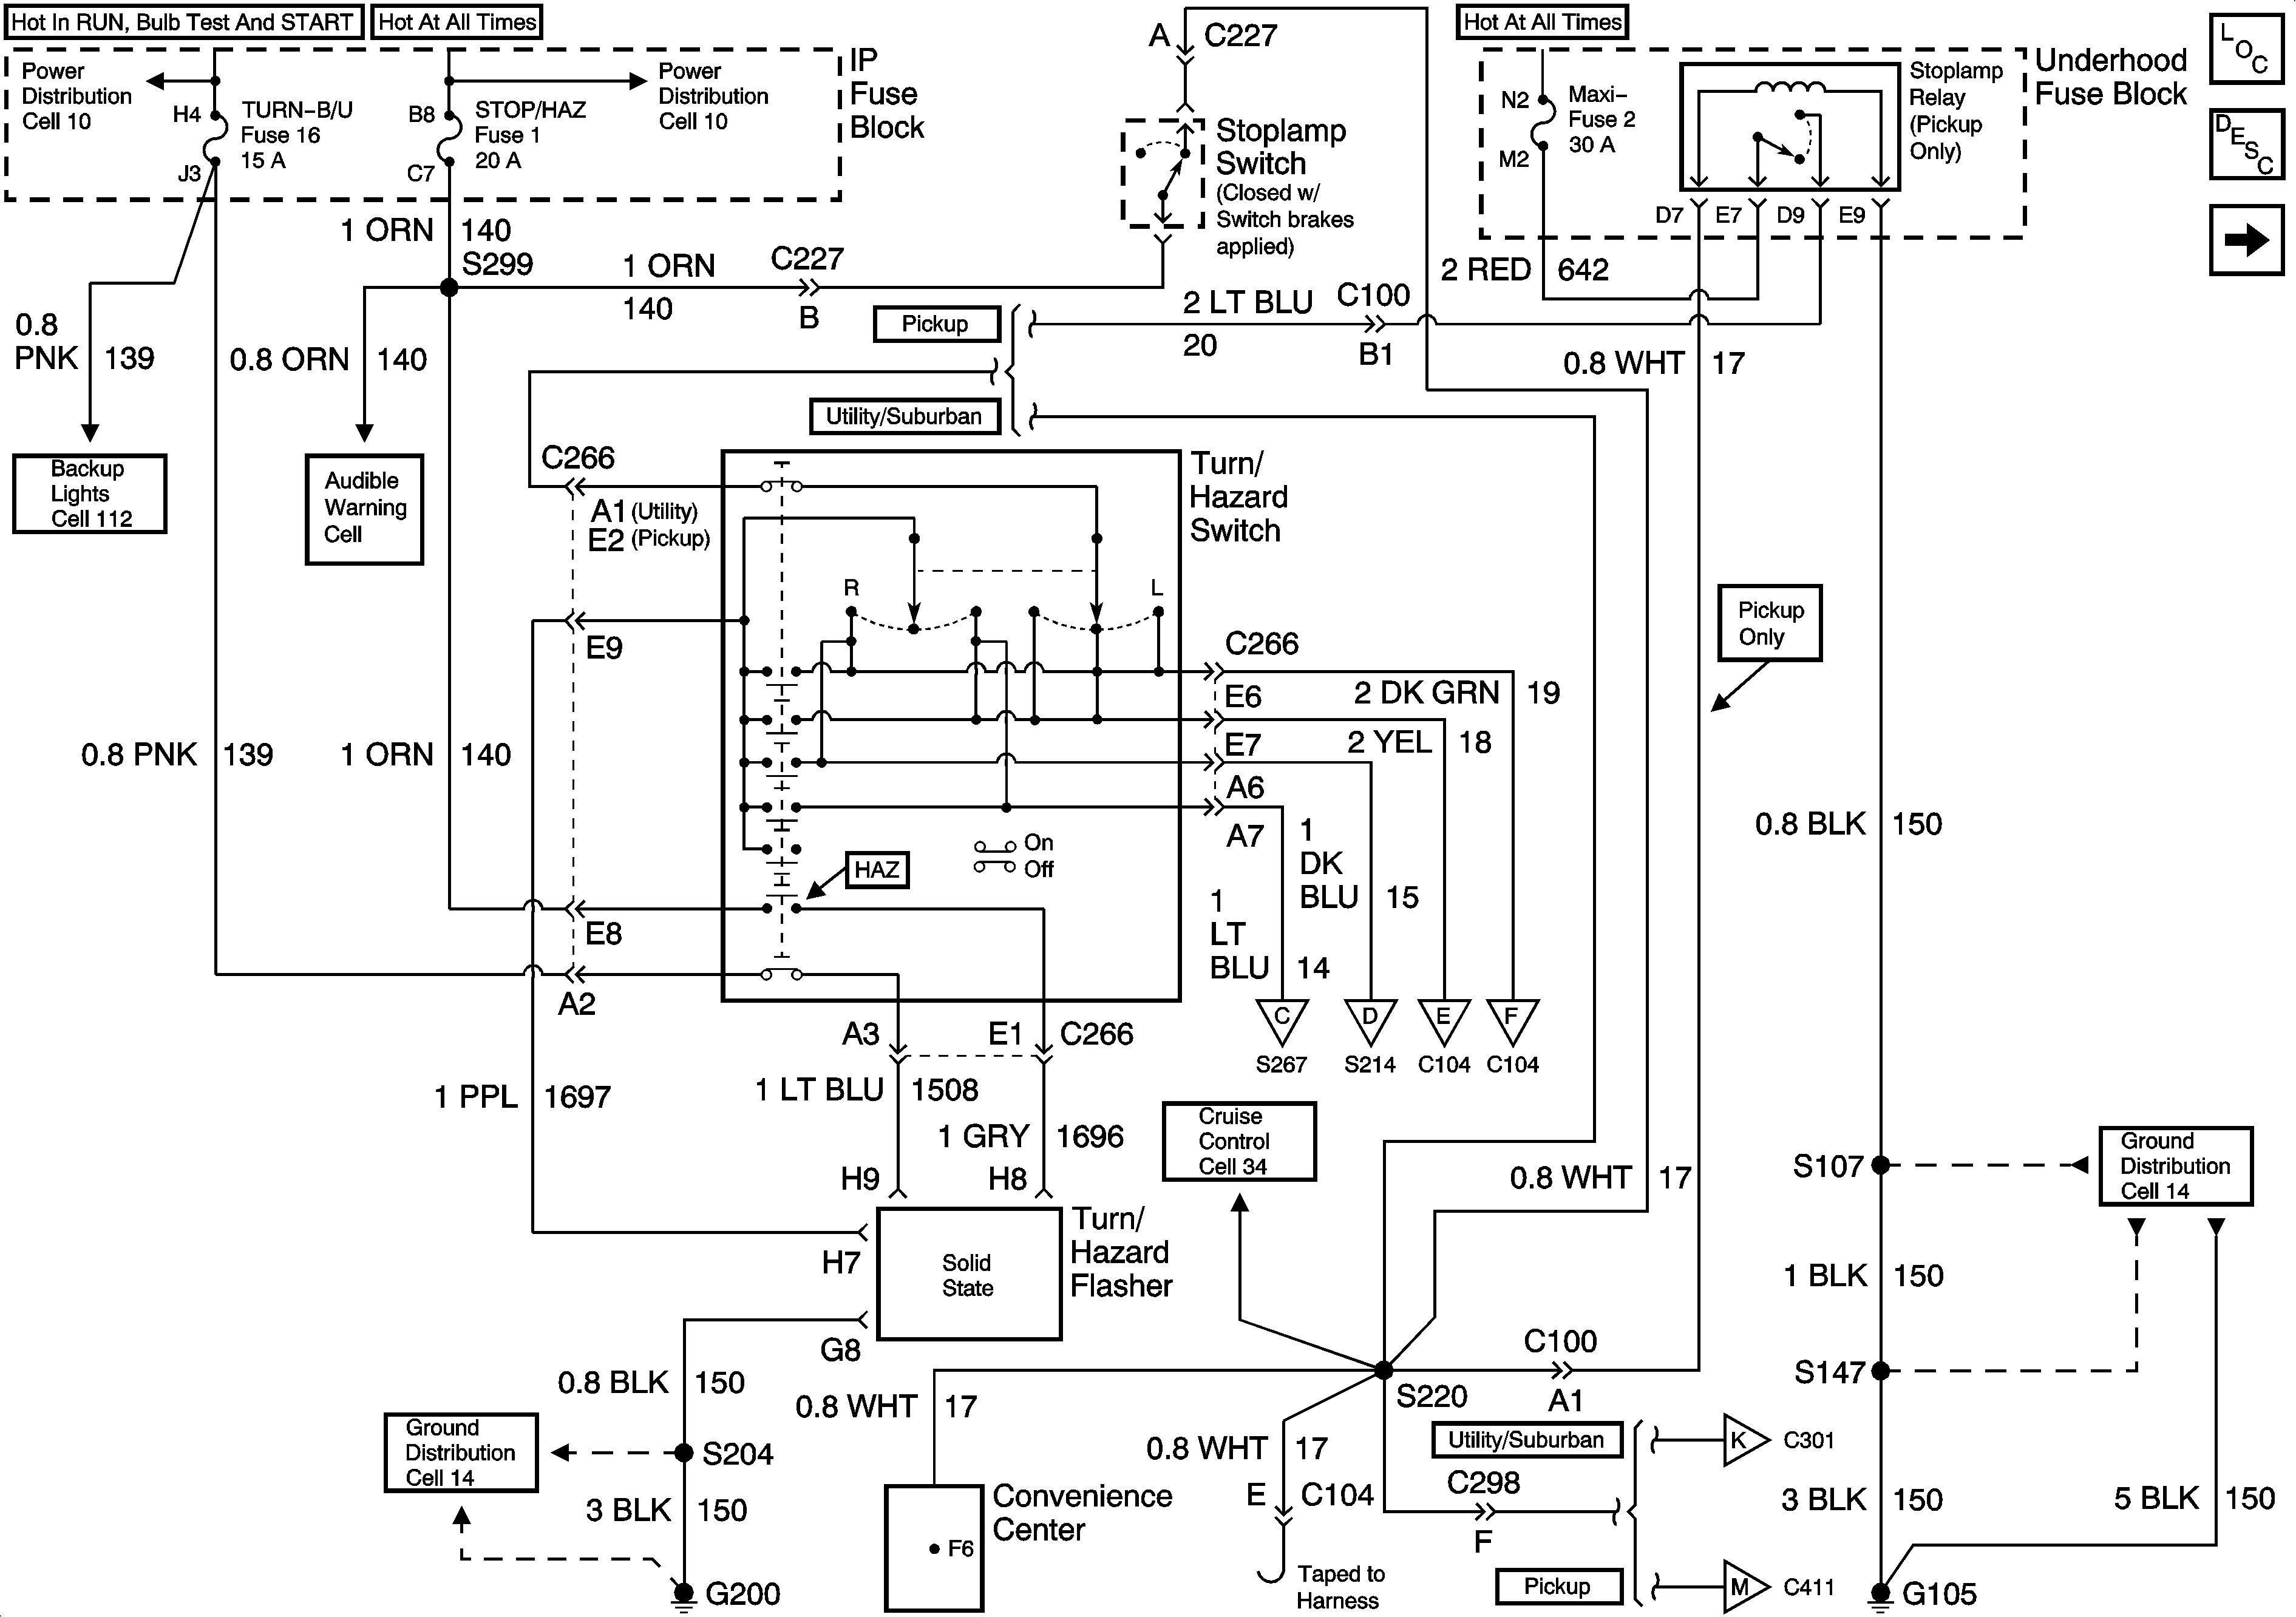 2004 Gmc Yukon Parts Diagram 2004 Tahoe Parts Diagram Trusted Wiring Diagrams • Types 2003 Of 2004 Gmc Yukon Parts Diagram